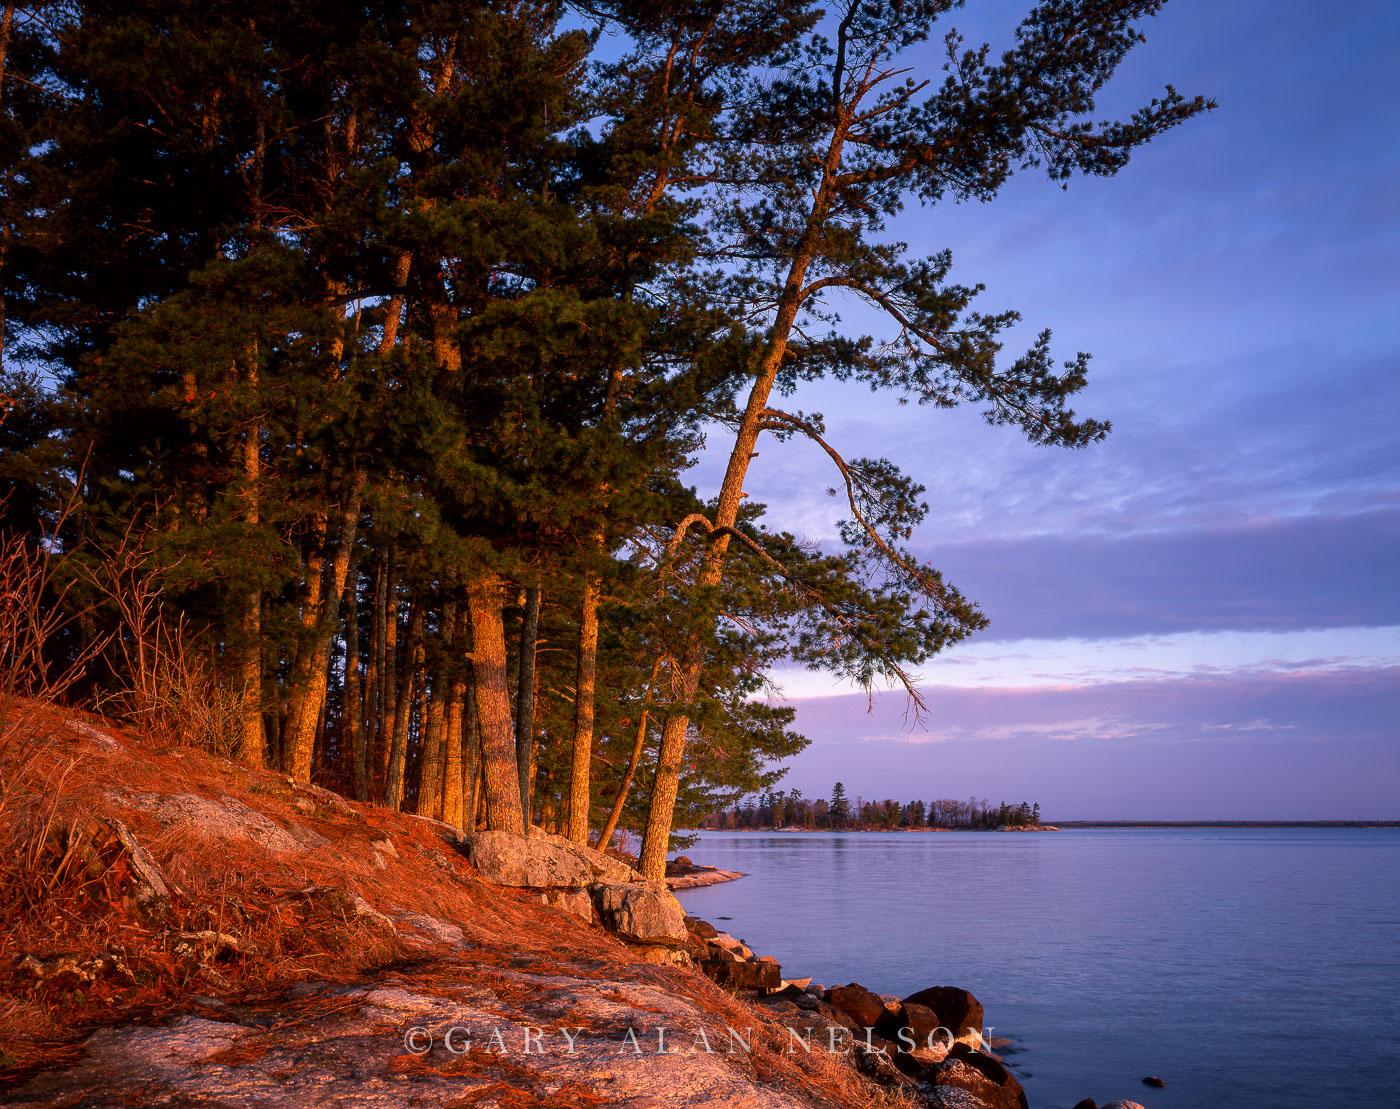 White pine trees leaning over Kabetogama Lake, Voyageurs National Park, Minnesota